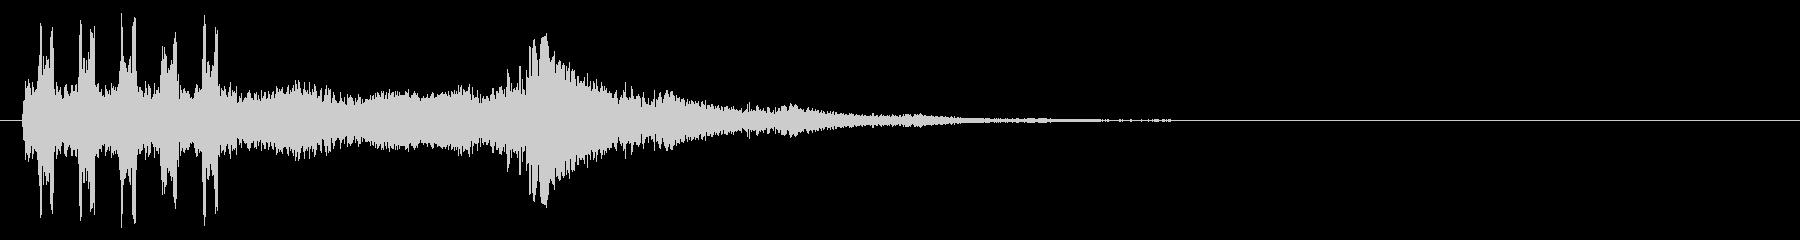 特撮の変身や必殺技のような効果音_5の未再生の波形